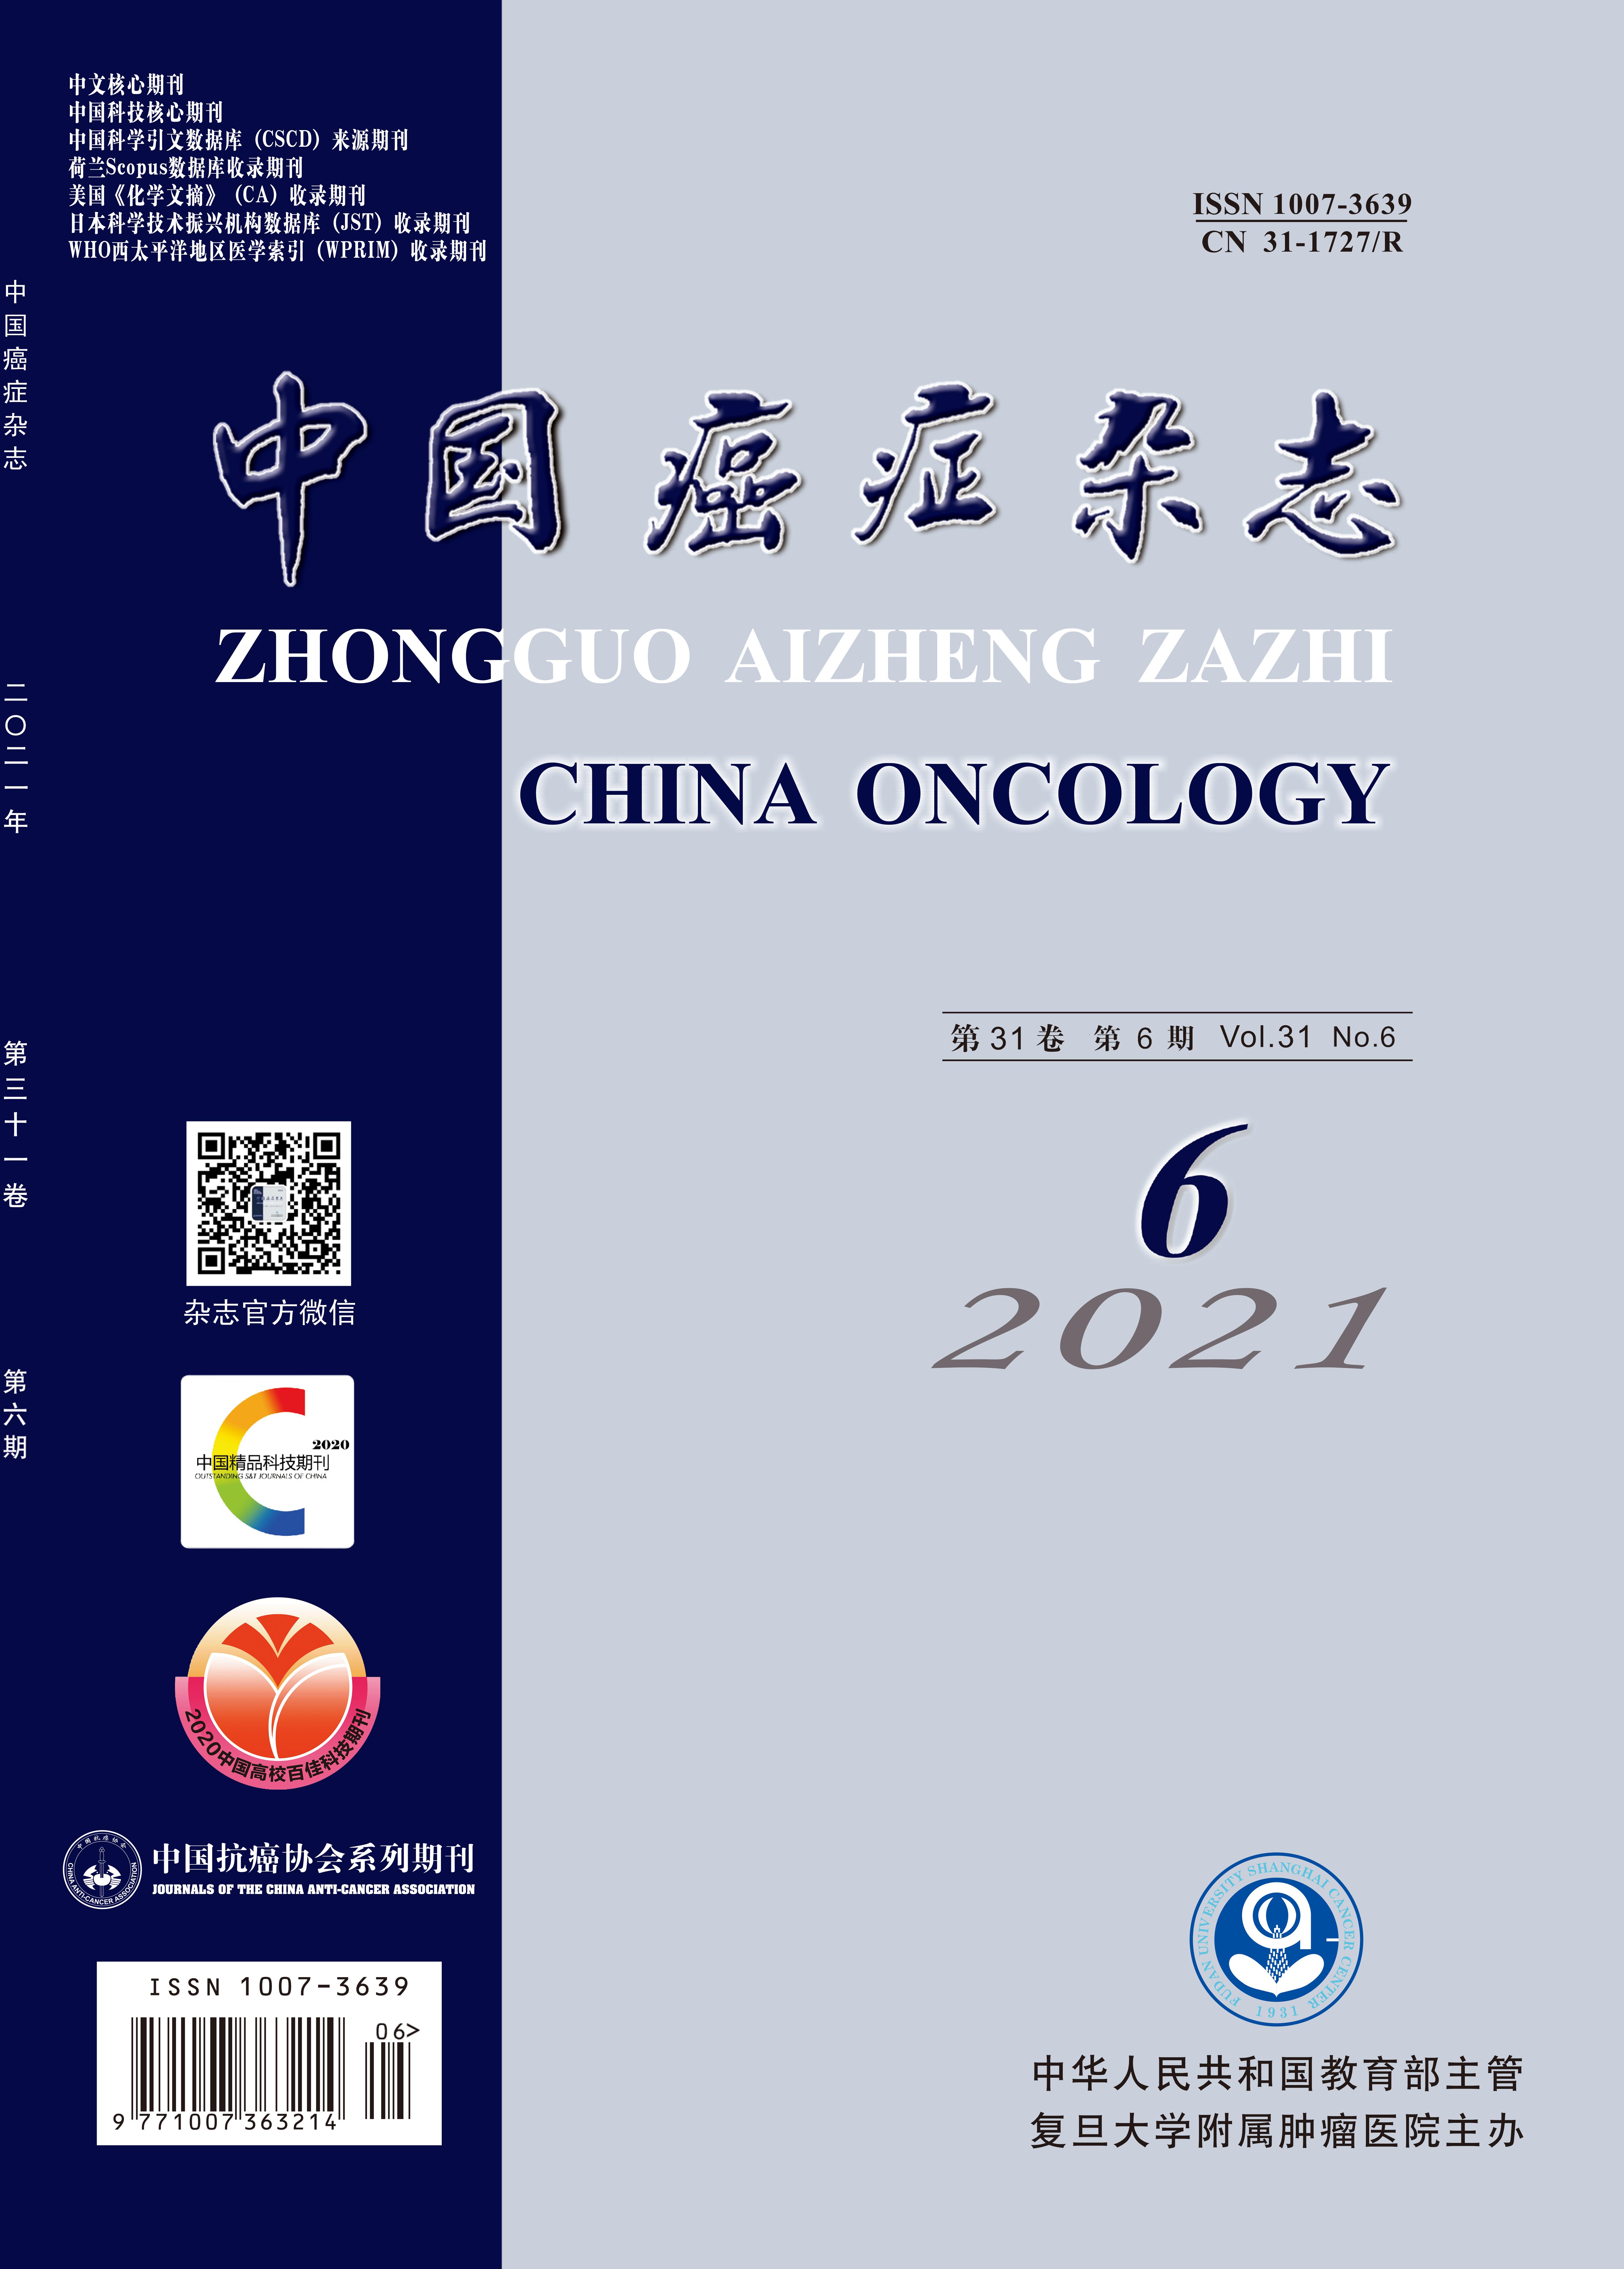 中国癌症杂志